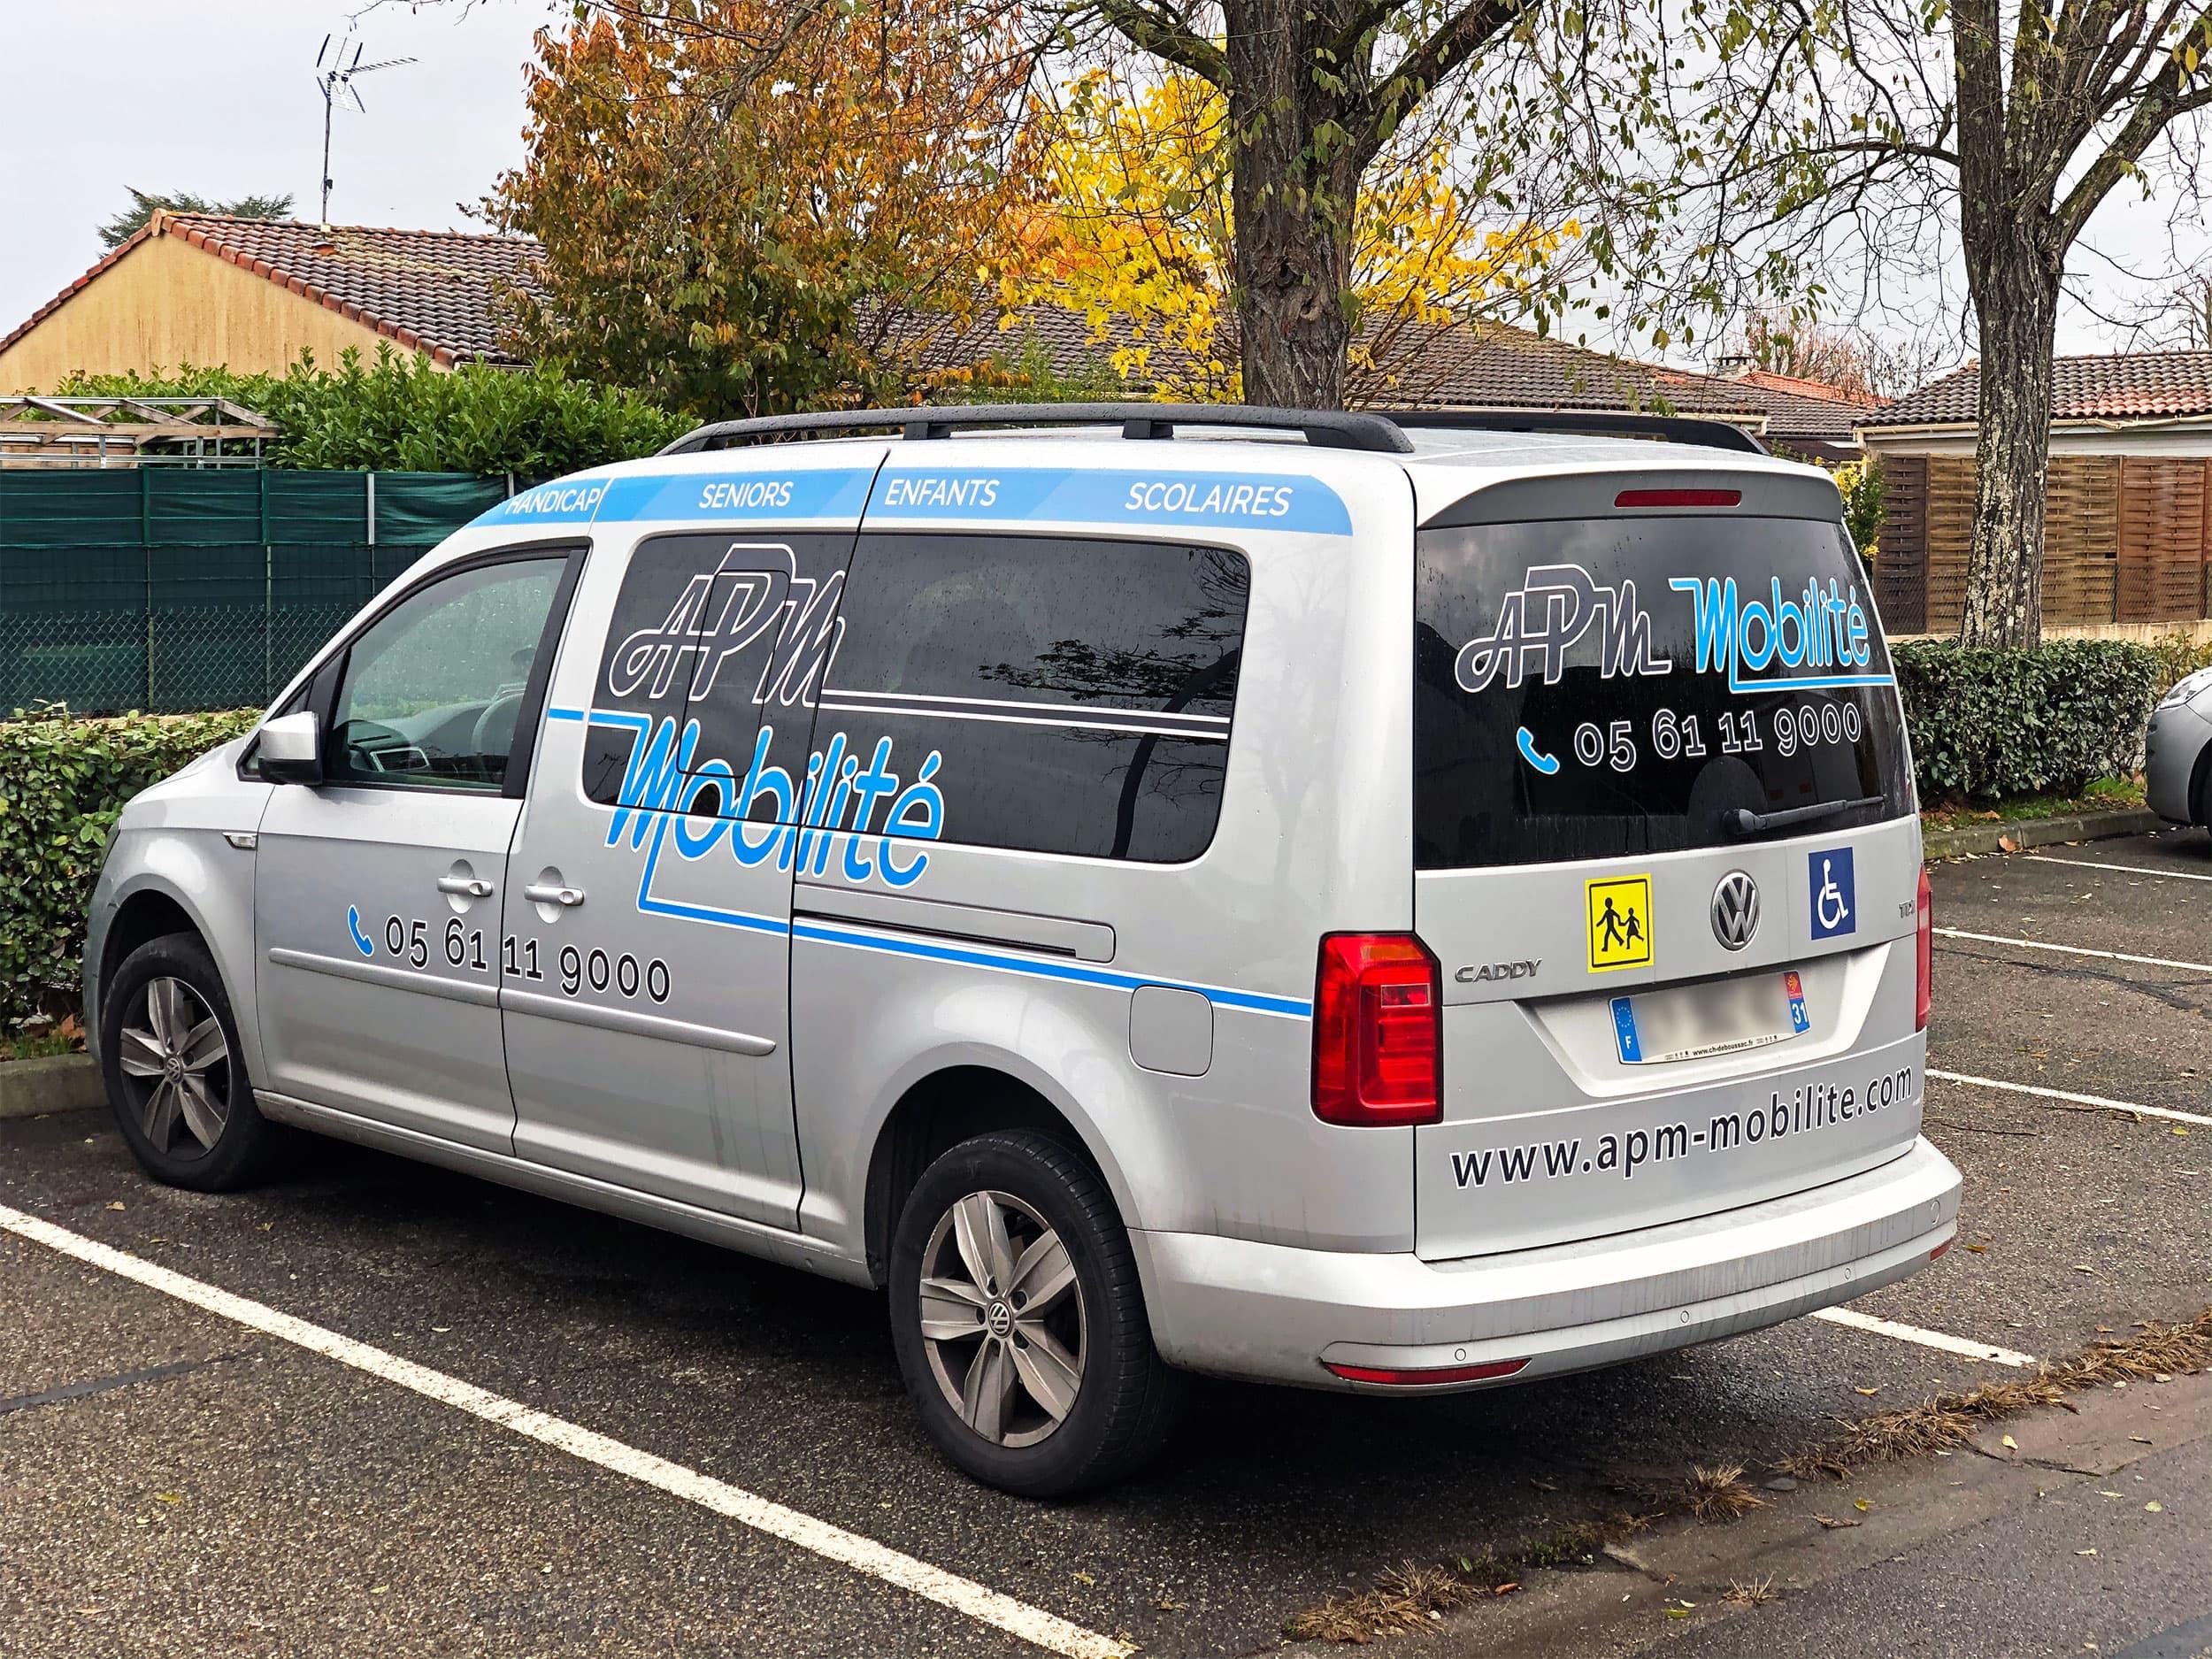 Transport de personnes à mobilité réduite PMR - Véhicules de qualité - Blagnac Toulouse 31